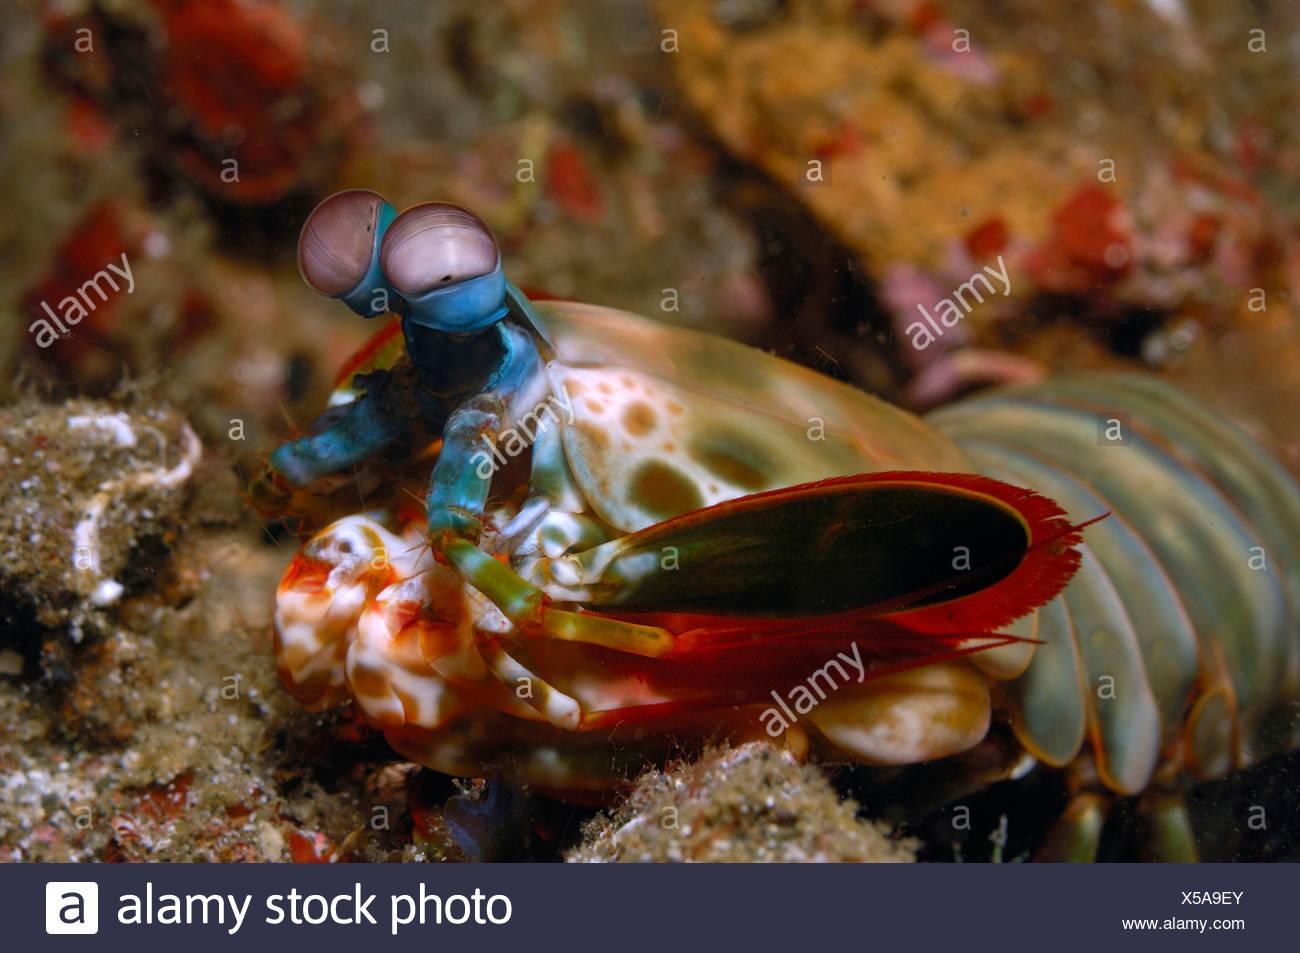 Mantis Shrimp, Odontodactylus scyllarus, Lembeh Strait, Sulawesi, Indonesia - Stock Image